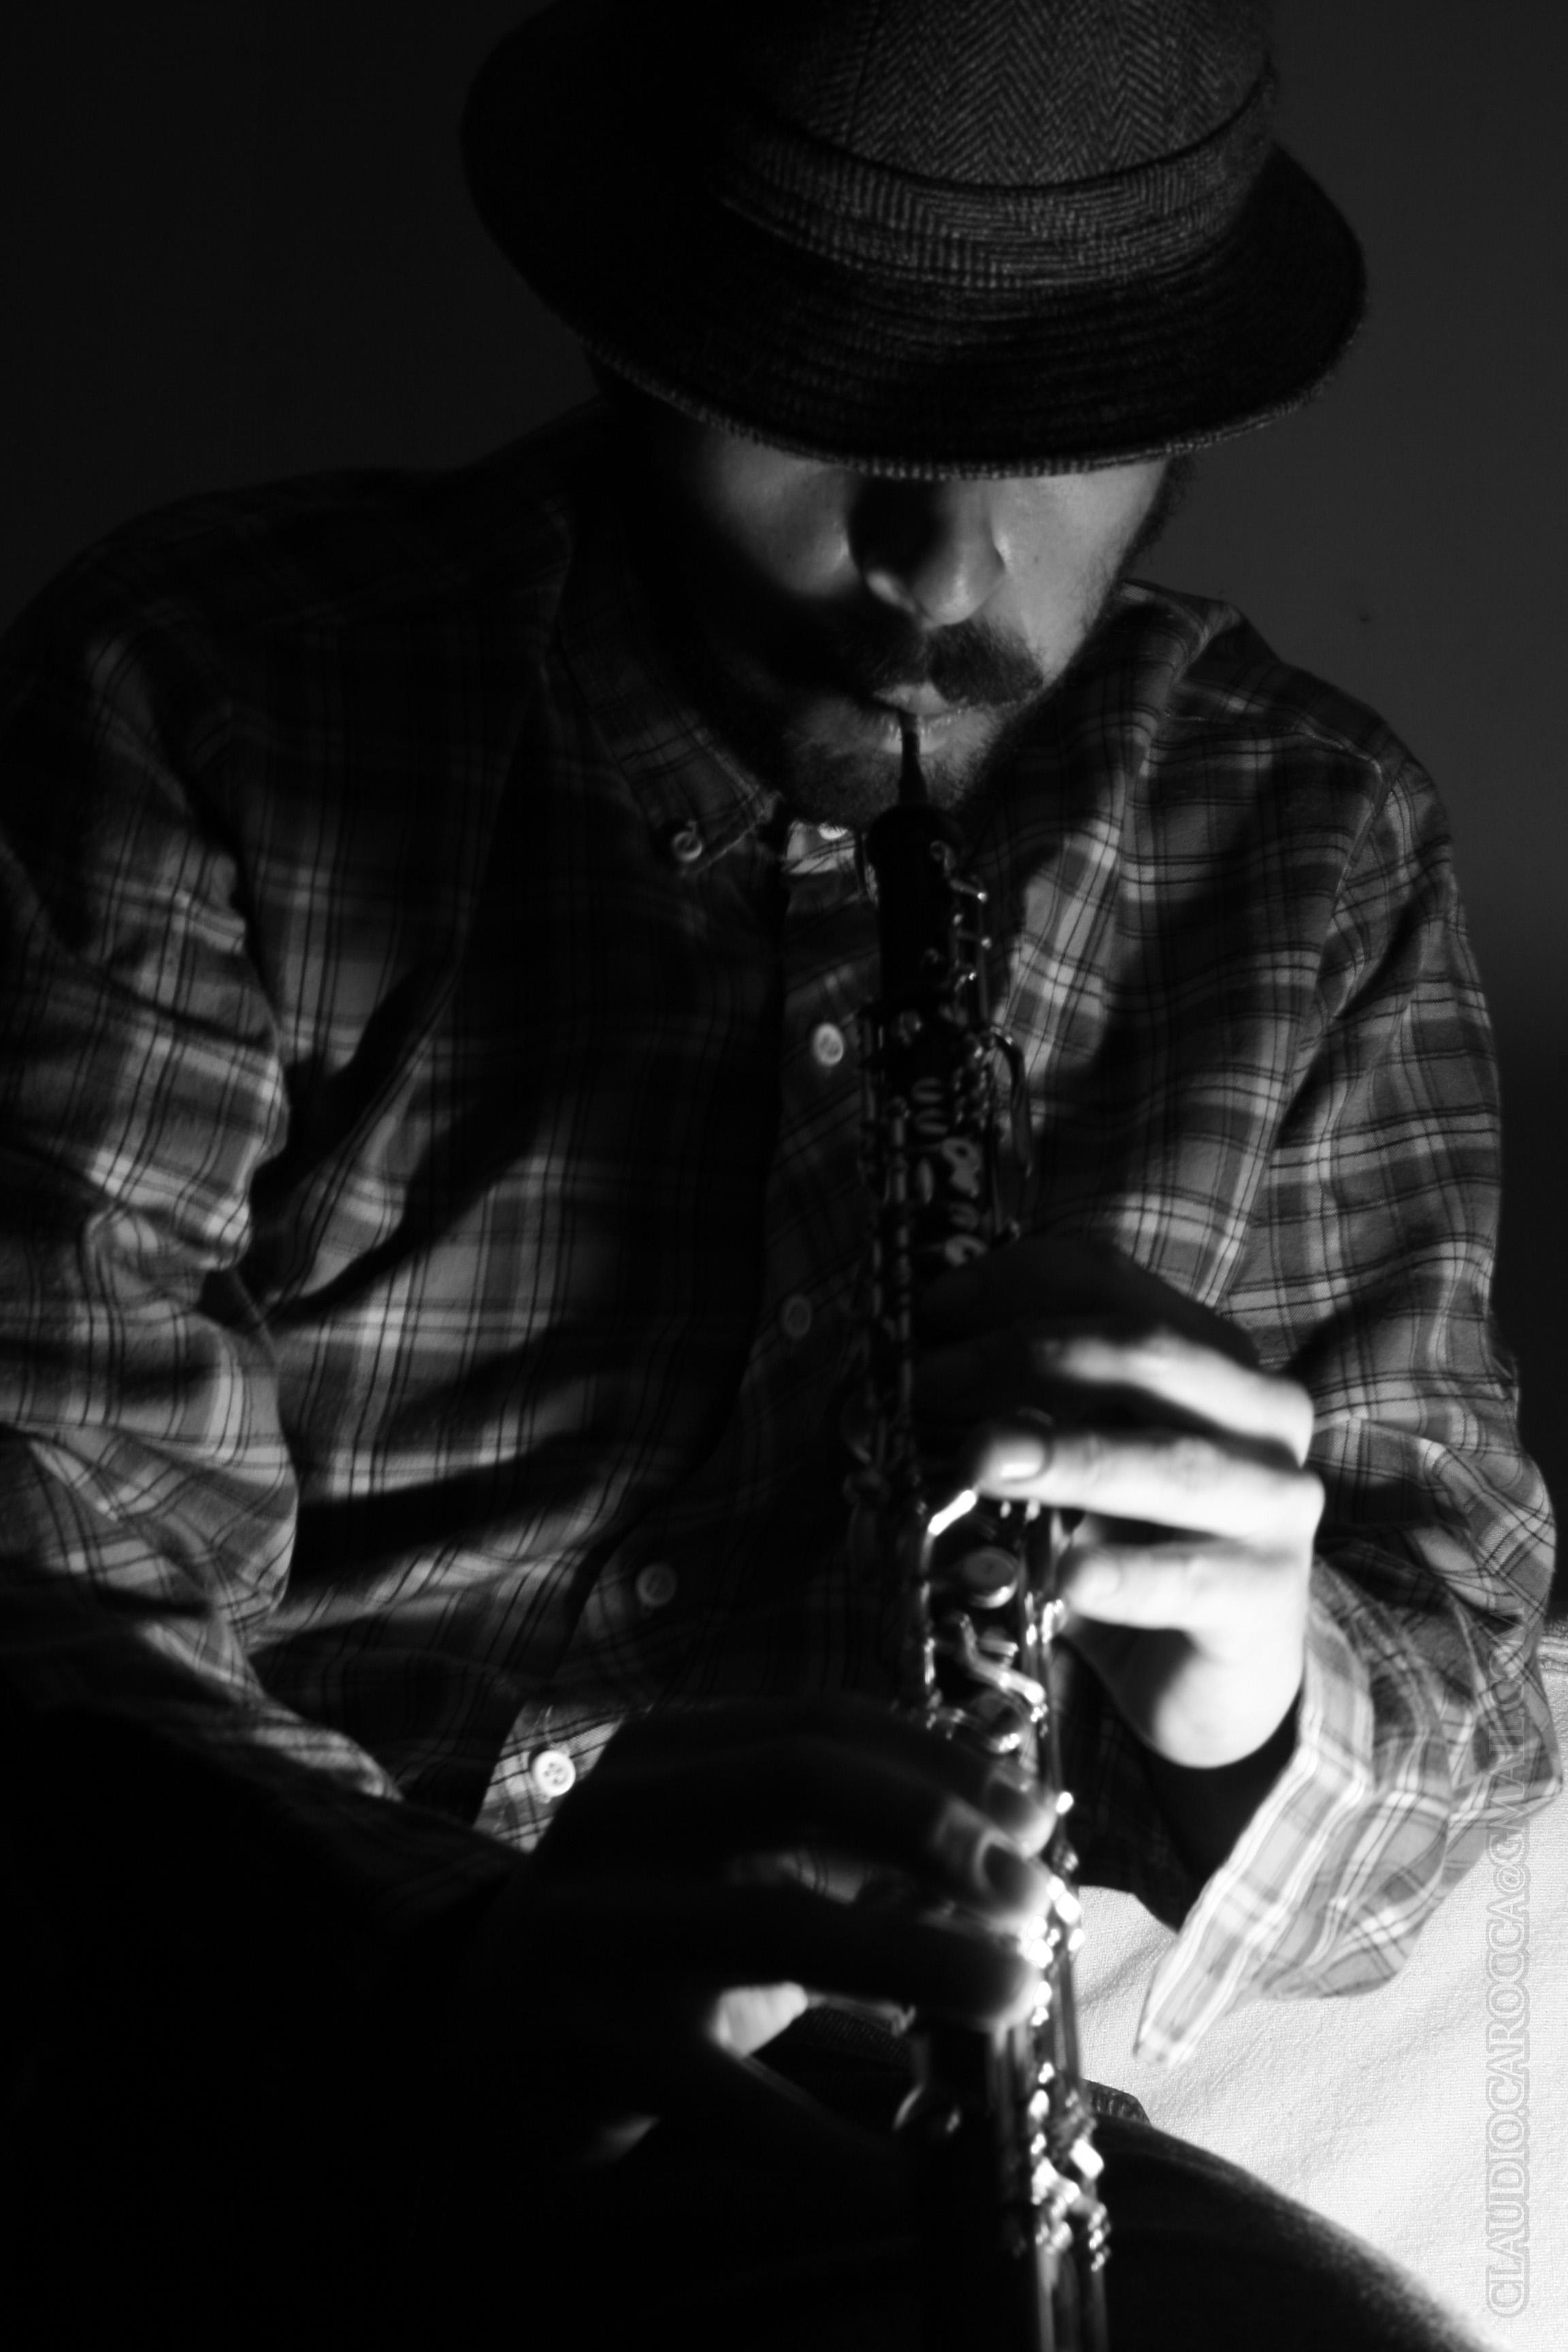 雙簧管/Oboe/オーボエ/Oboe、Hoboe/Hautboi/Oboe